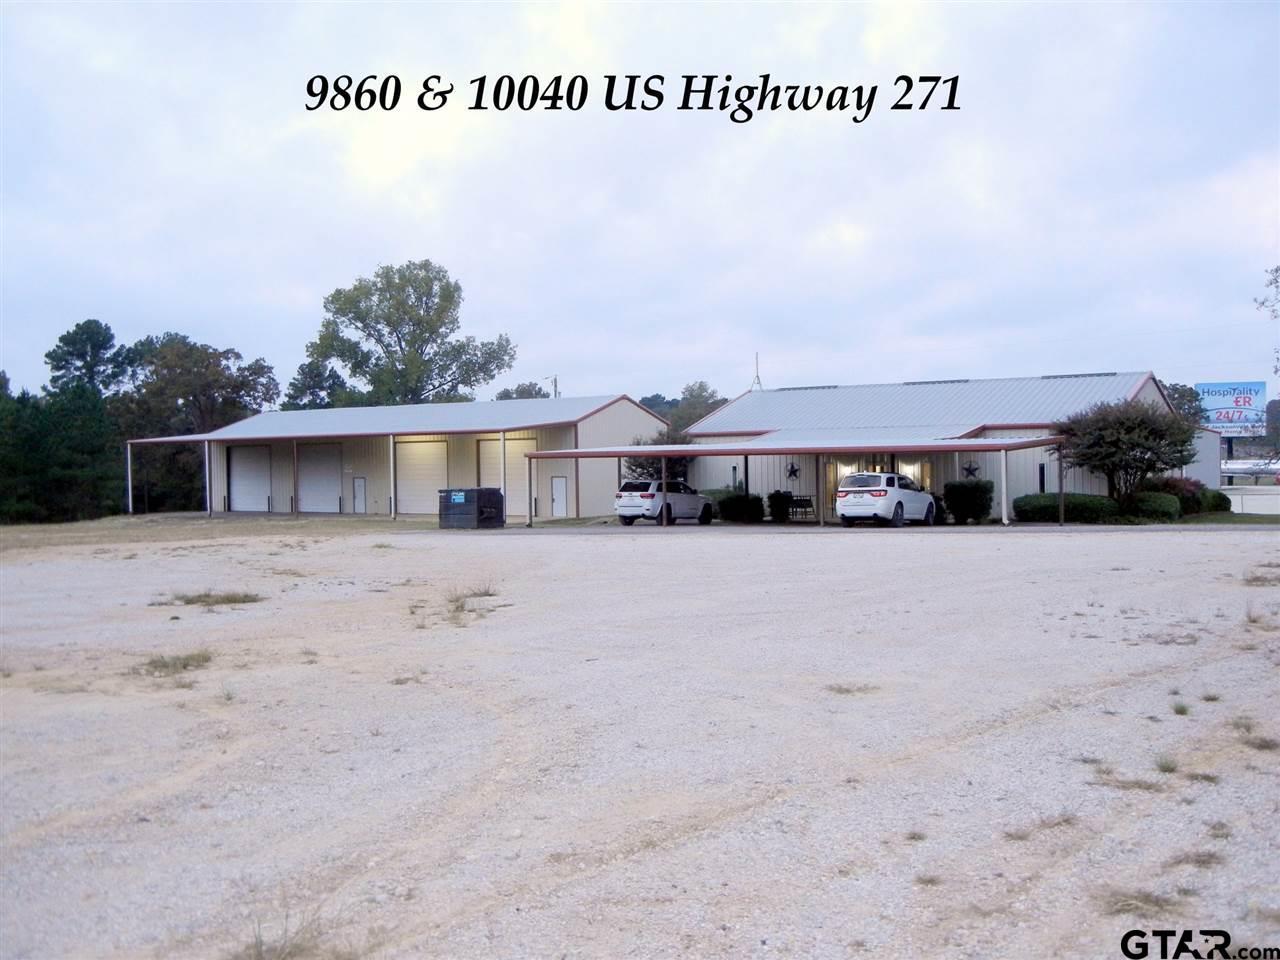 9860 & 10040 US Highway 271, Tyler, TX 75708